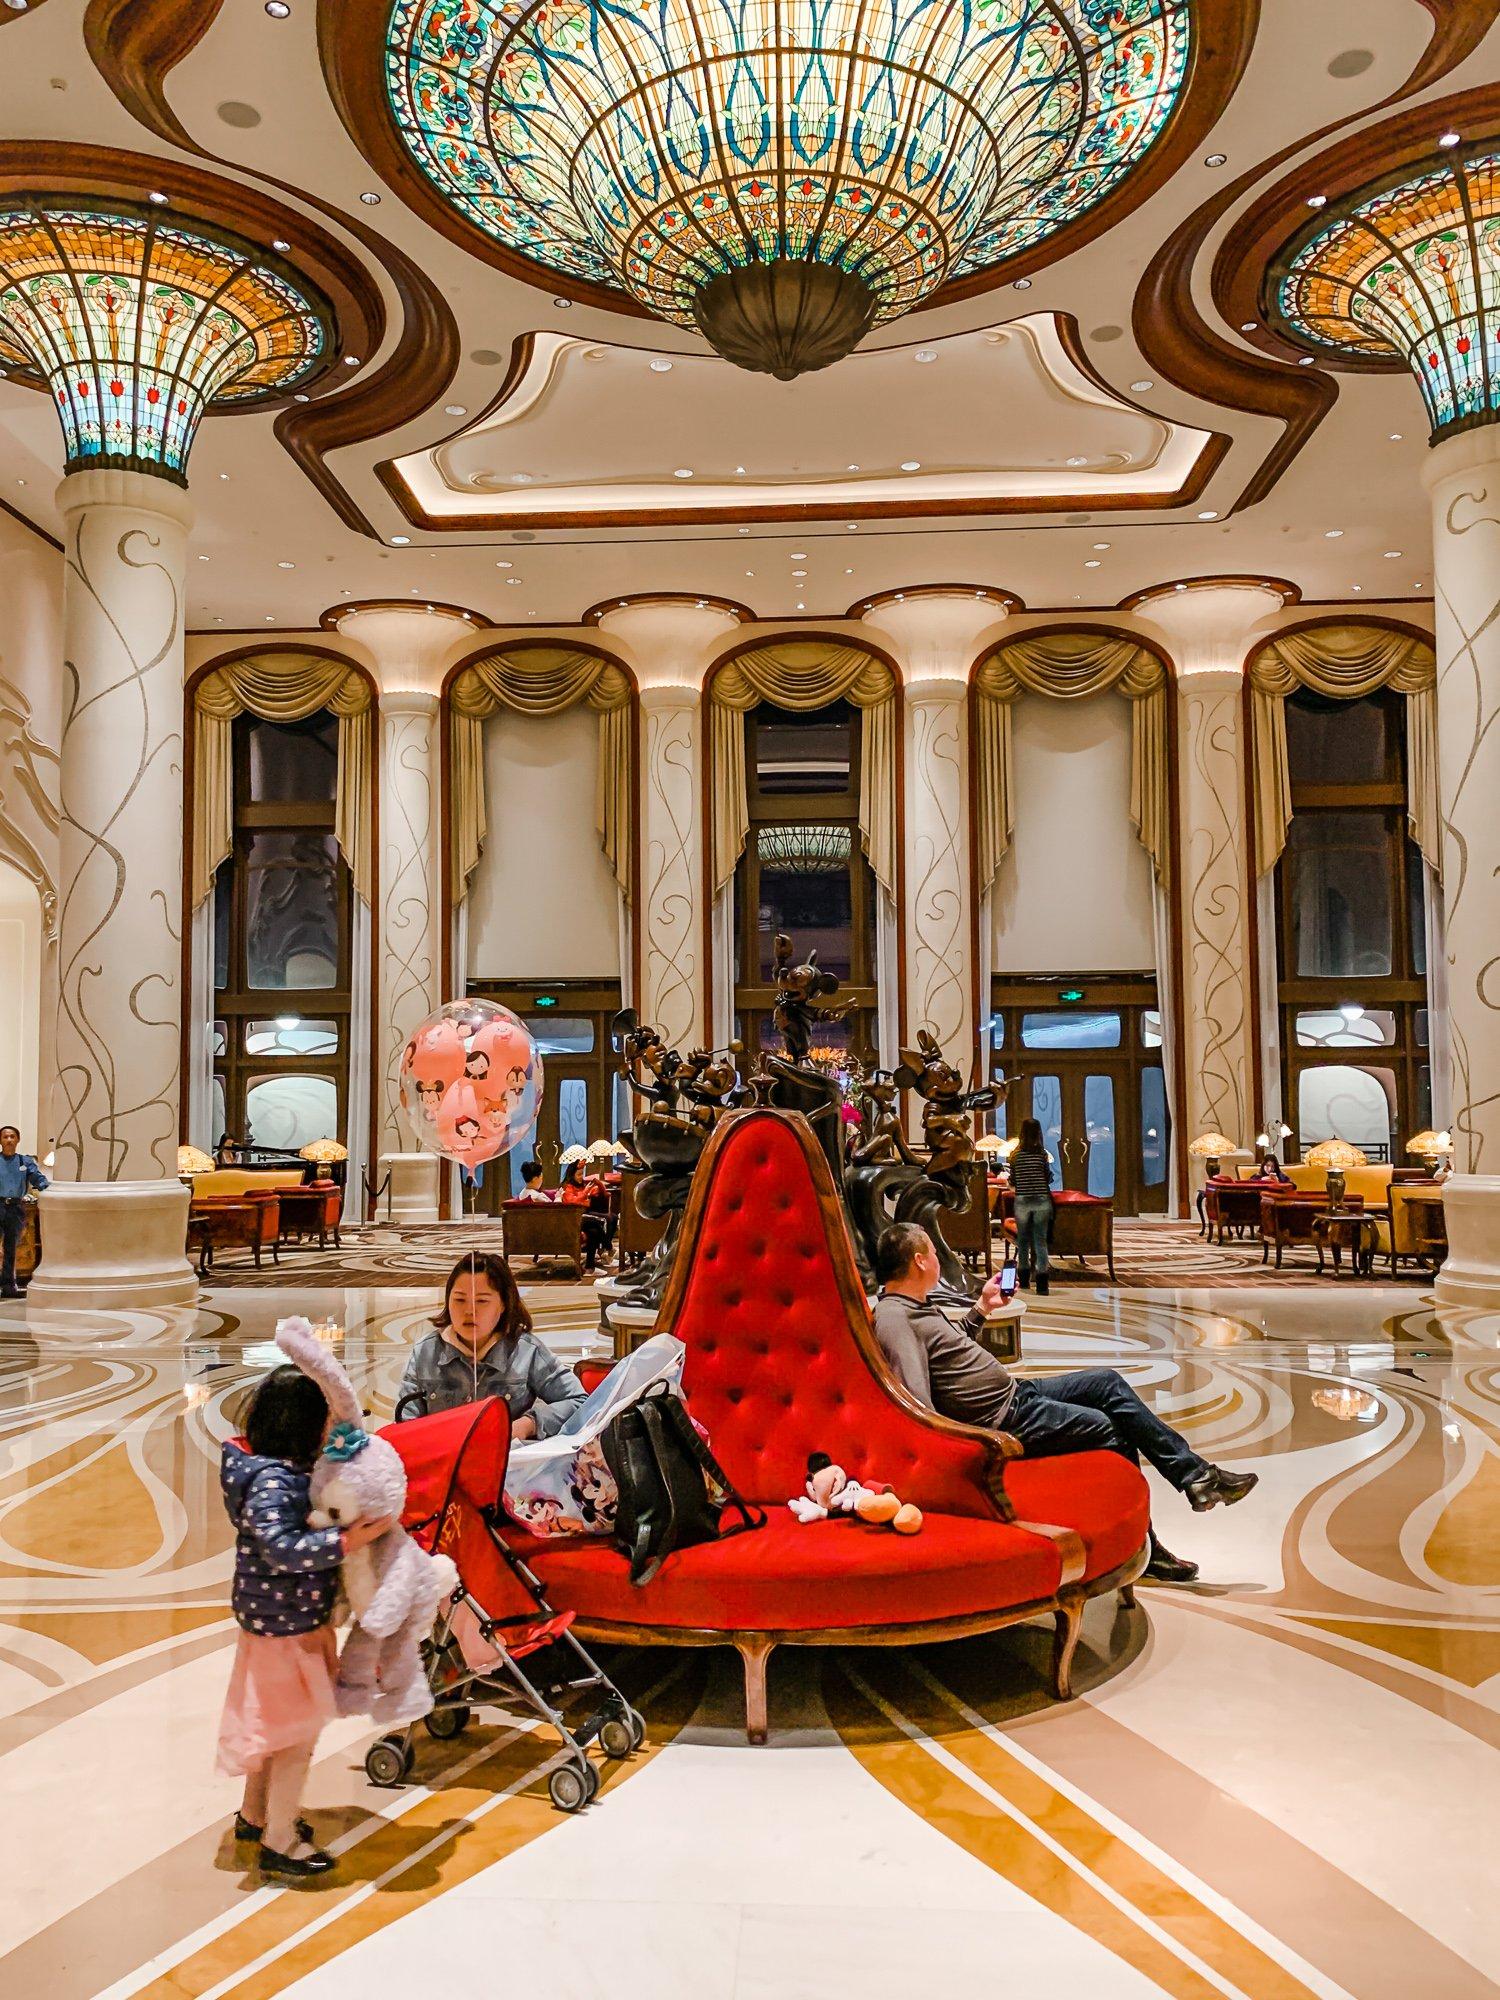 Lobby at Shanghai Disneyland Hotel